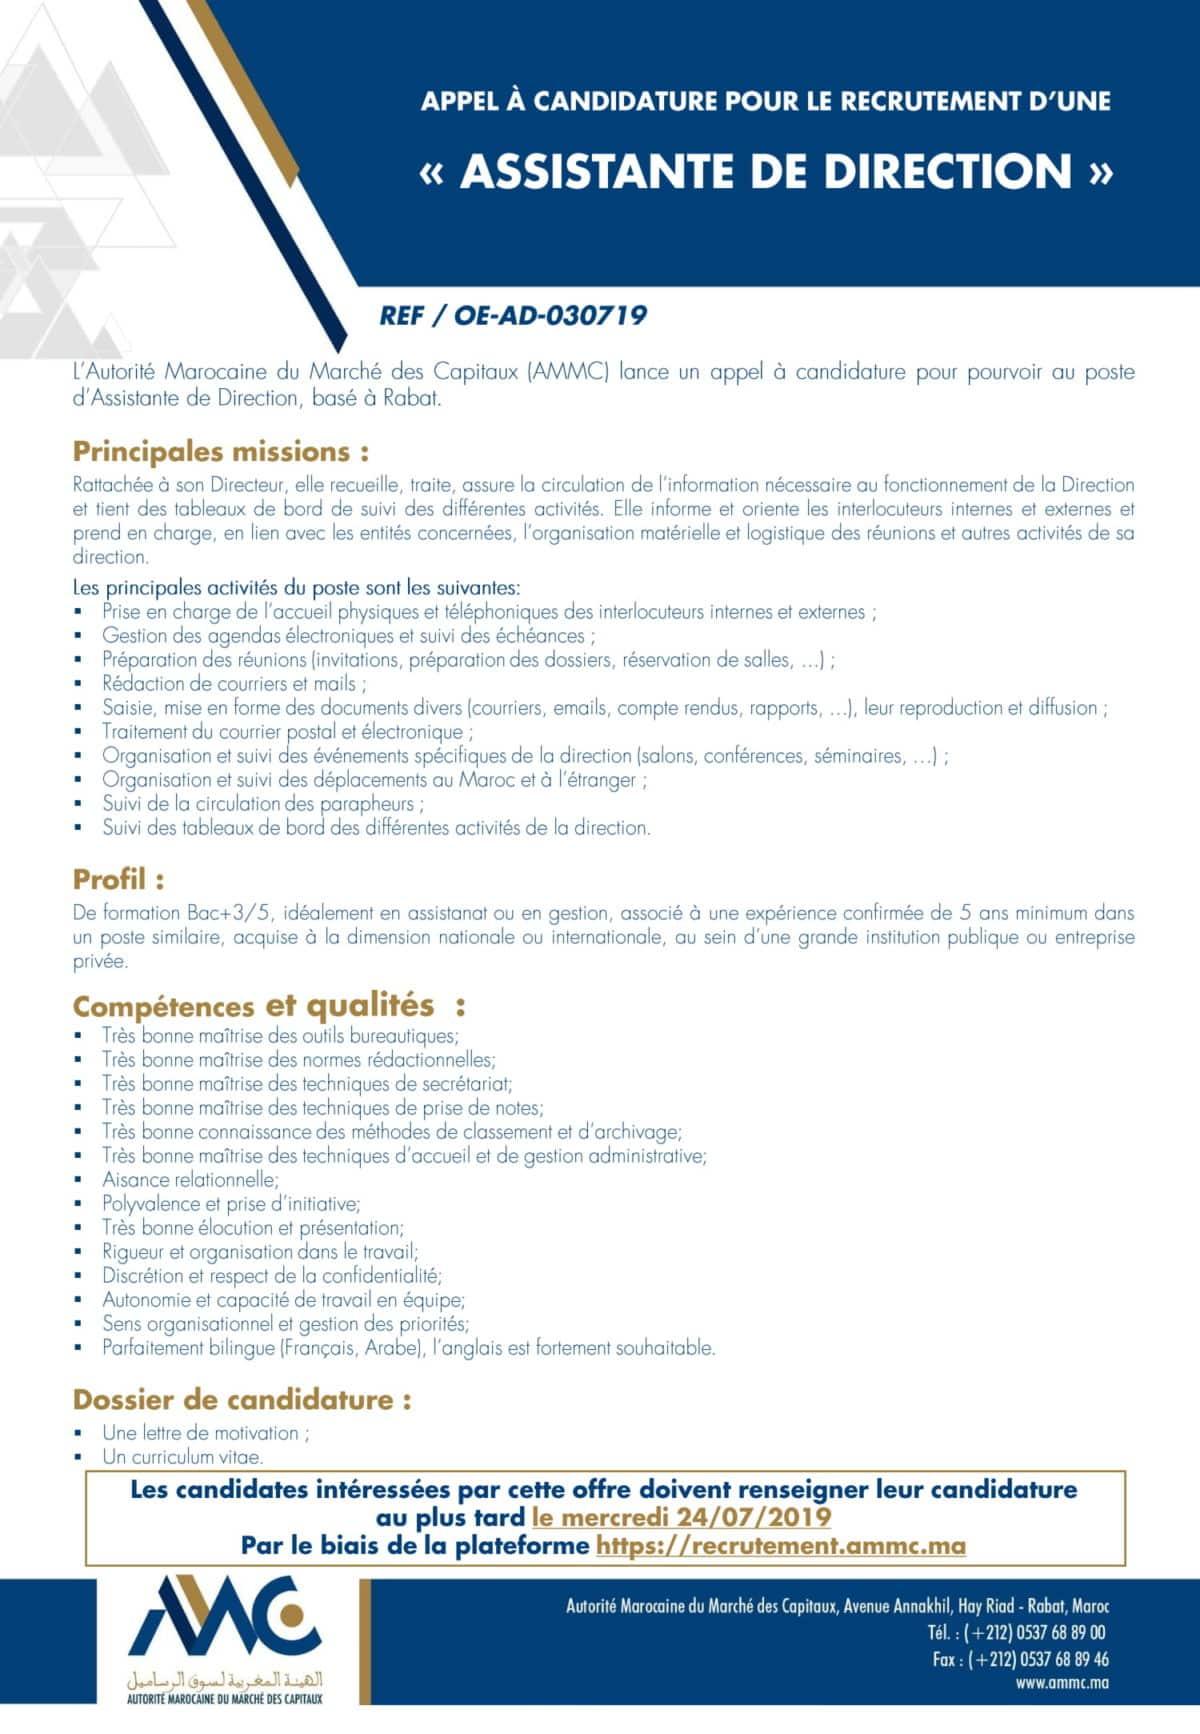 Annonce OEAD030719 1 AMMC recrute 5 Assistantes de Direction